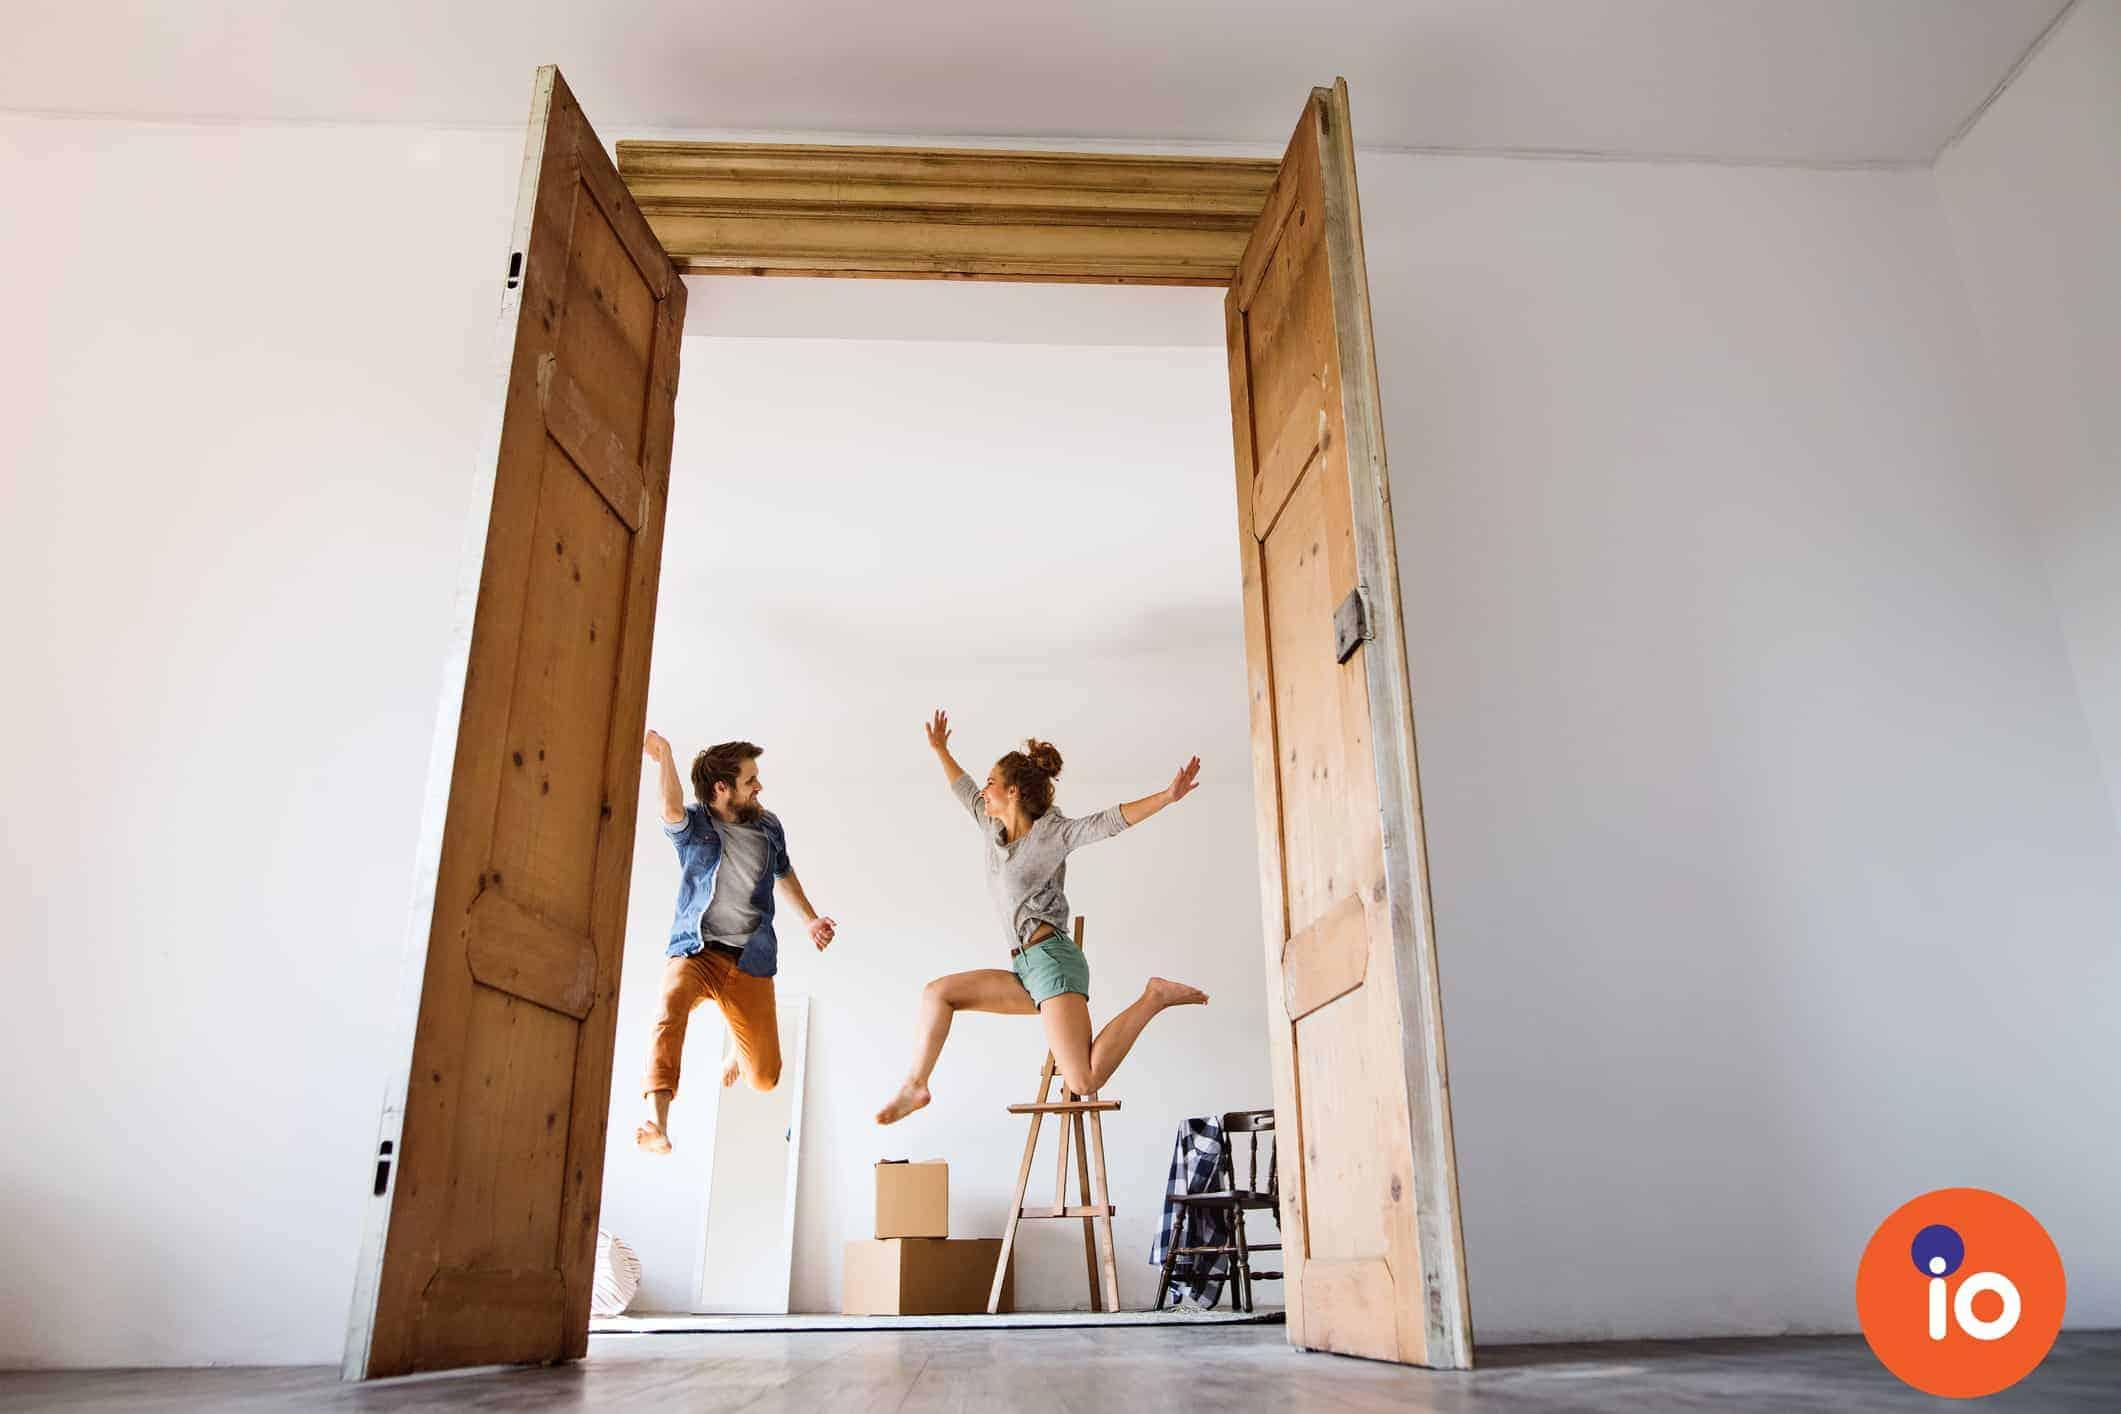 Ecco i cinque errori da non fare se devi comprare casa.